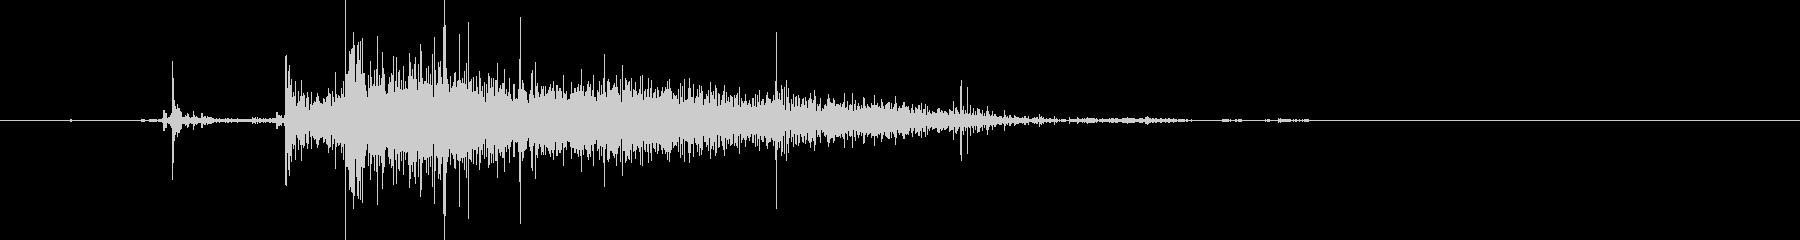 プシュー(アルコールスプレーの音)の未再生の波形